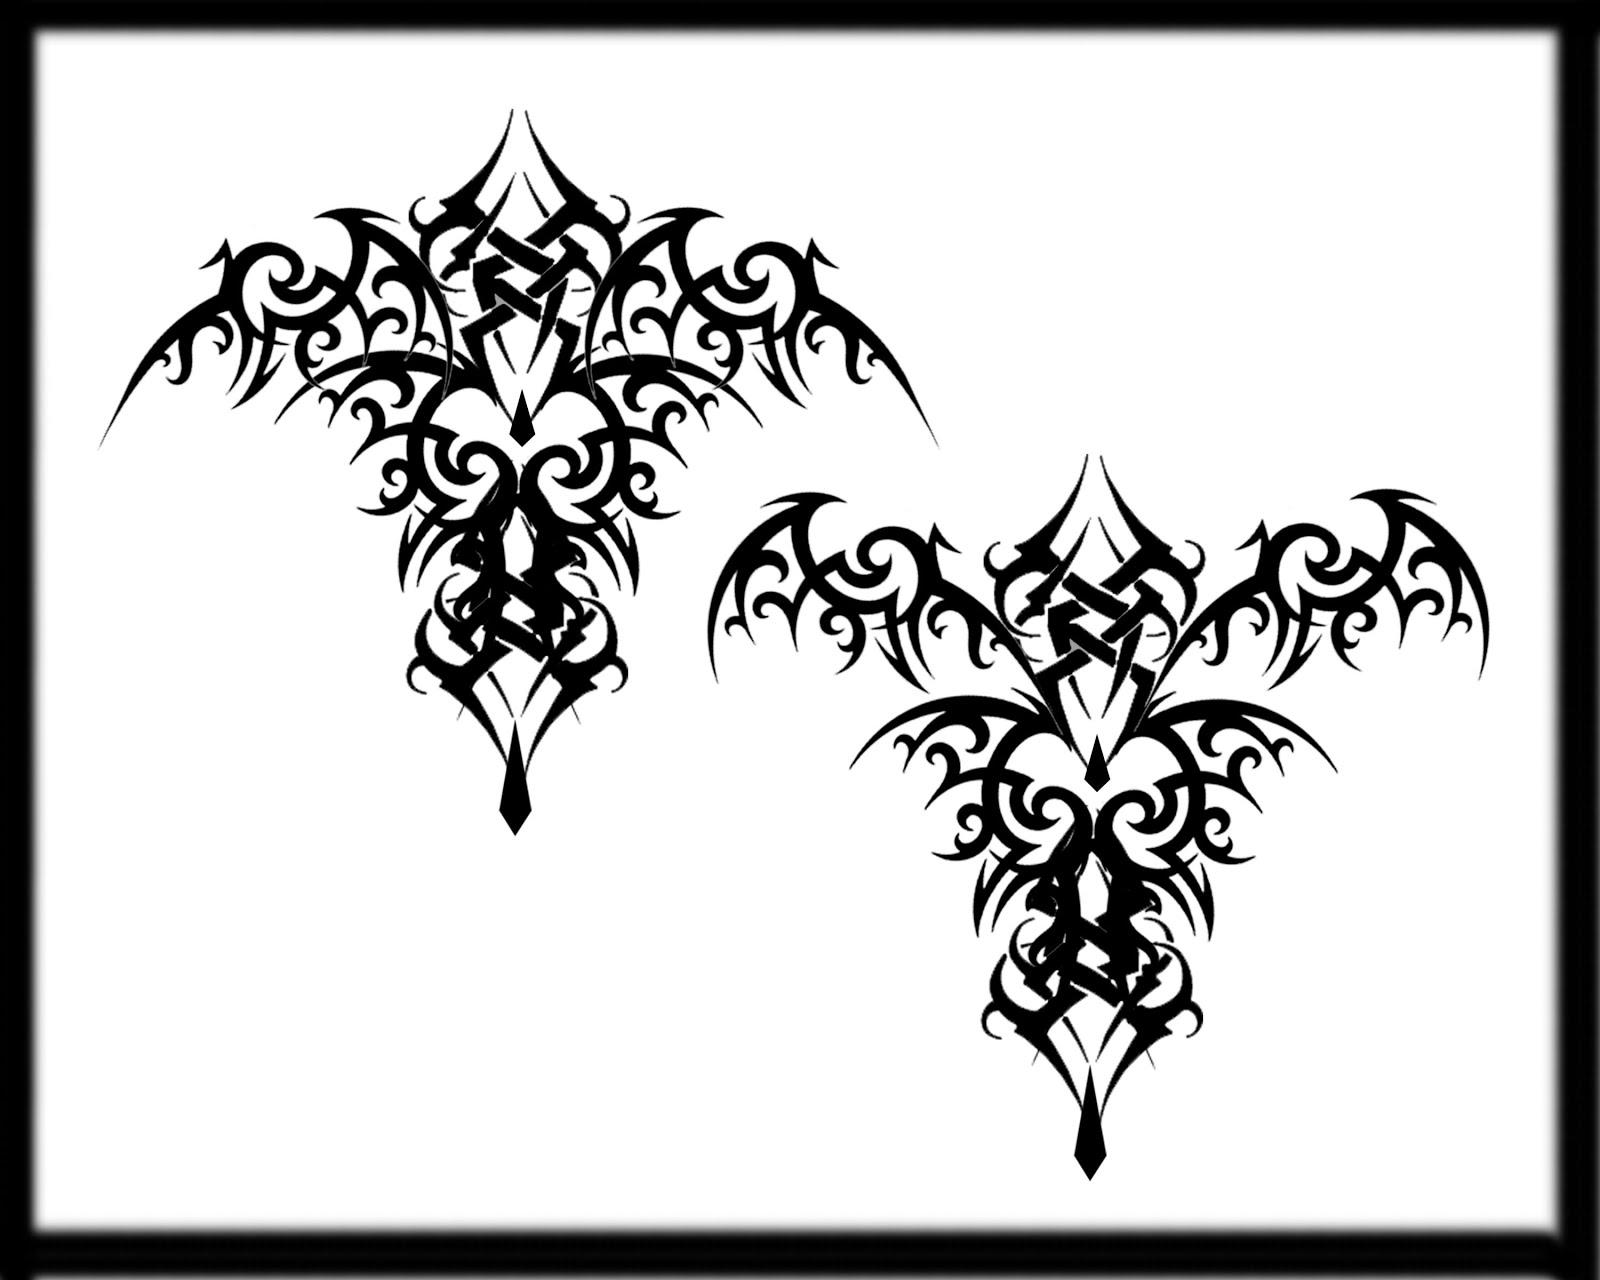 Tribal-Tattoos gothic-bat-tribal-tattoo-design